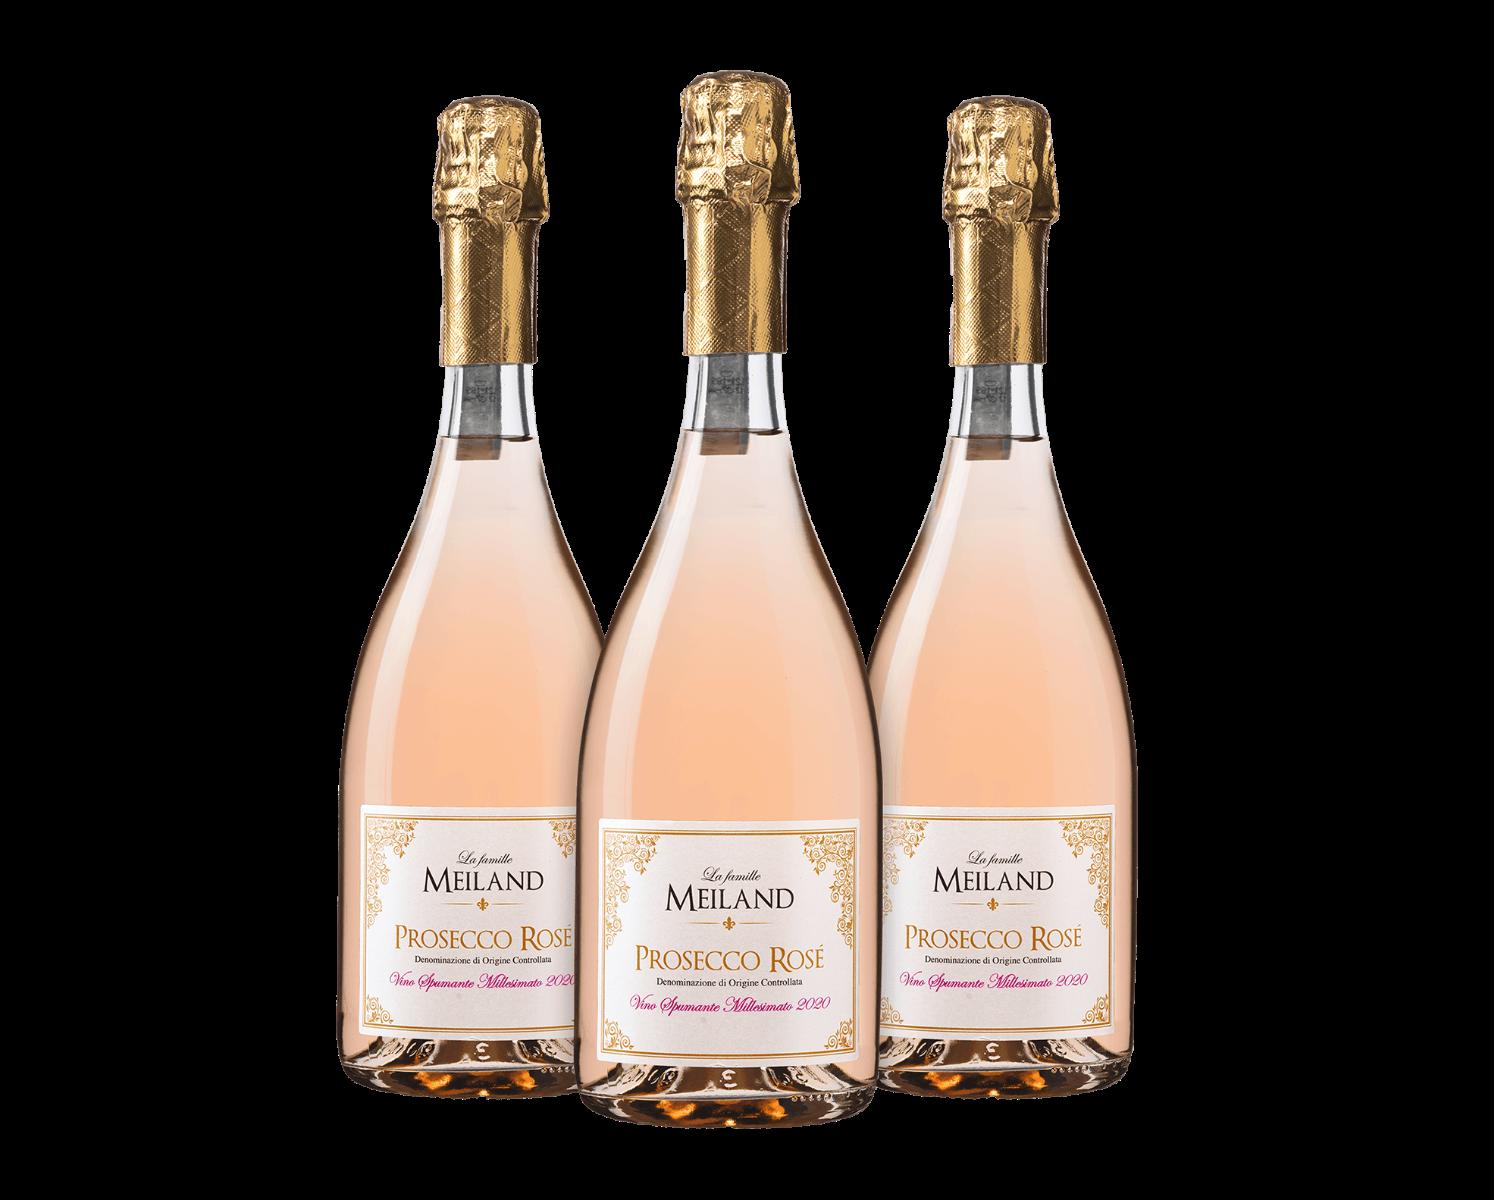 La famille Meiland Prosecco Rosé DOC Vino Spumante Dry Millesimato (3 flessen)